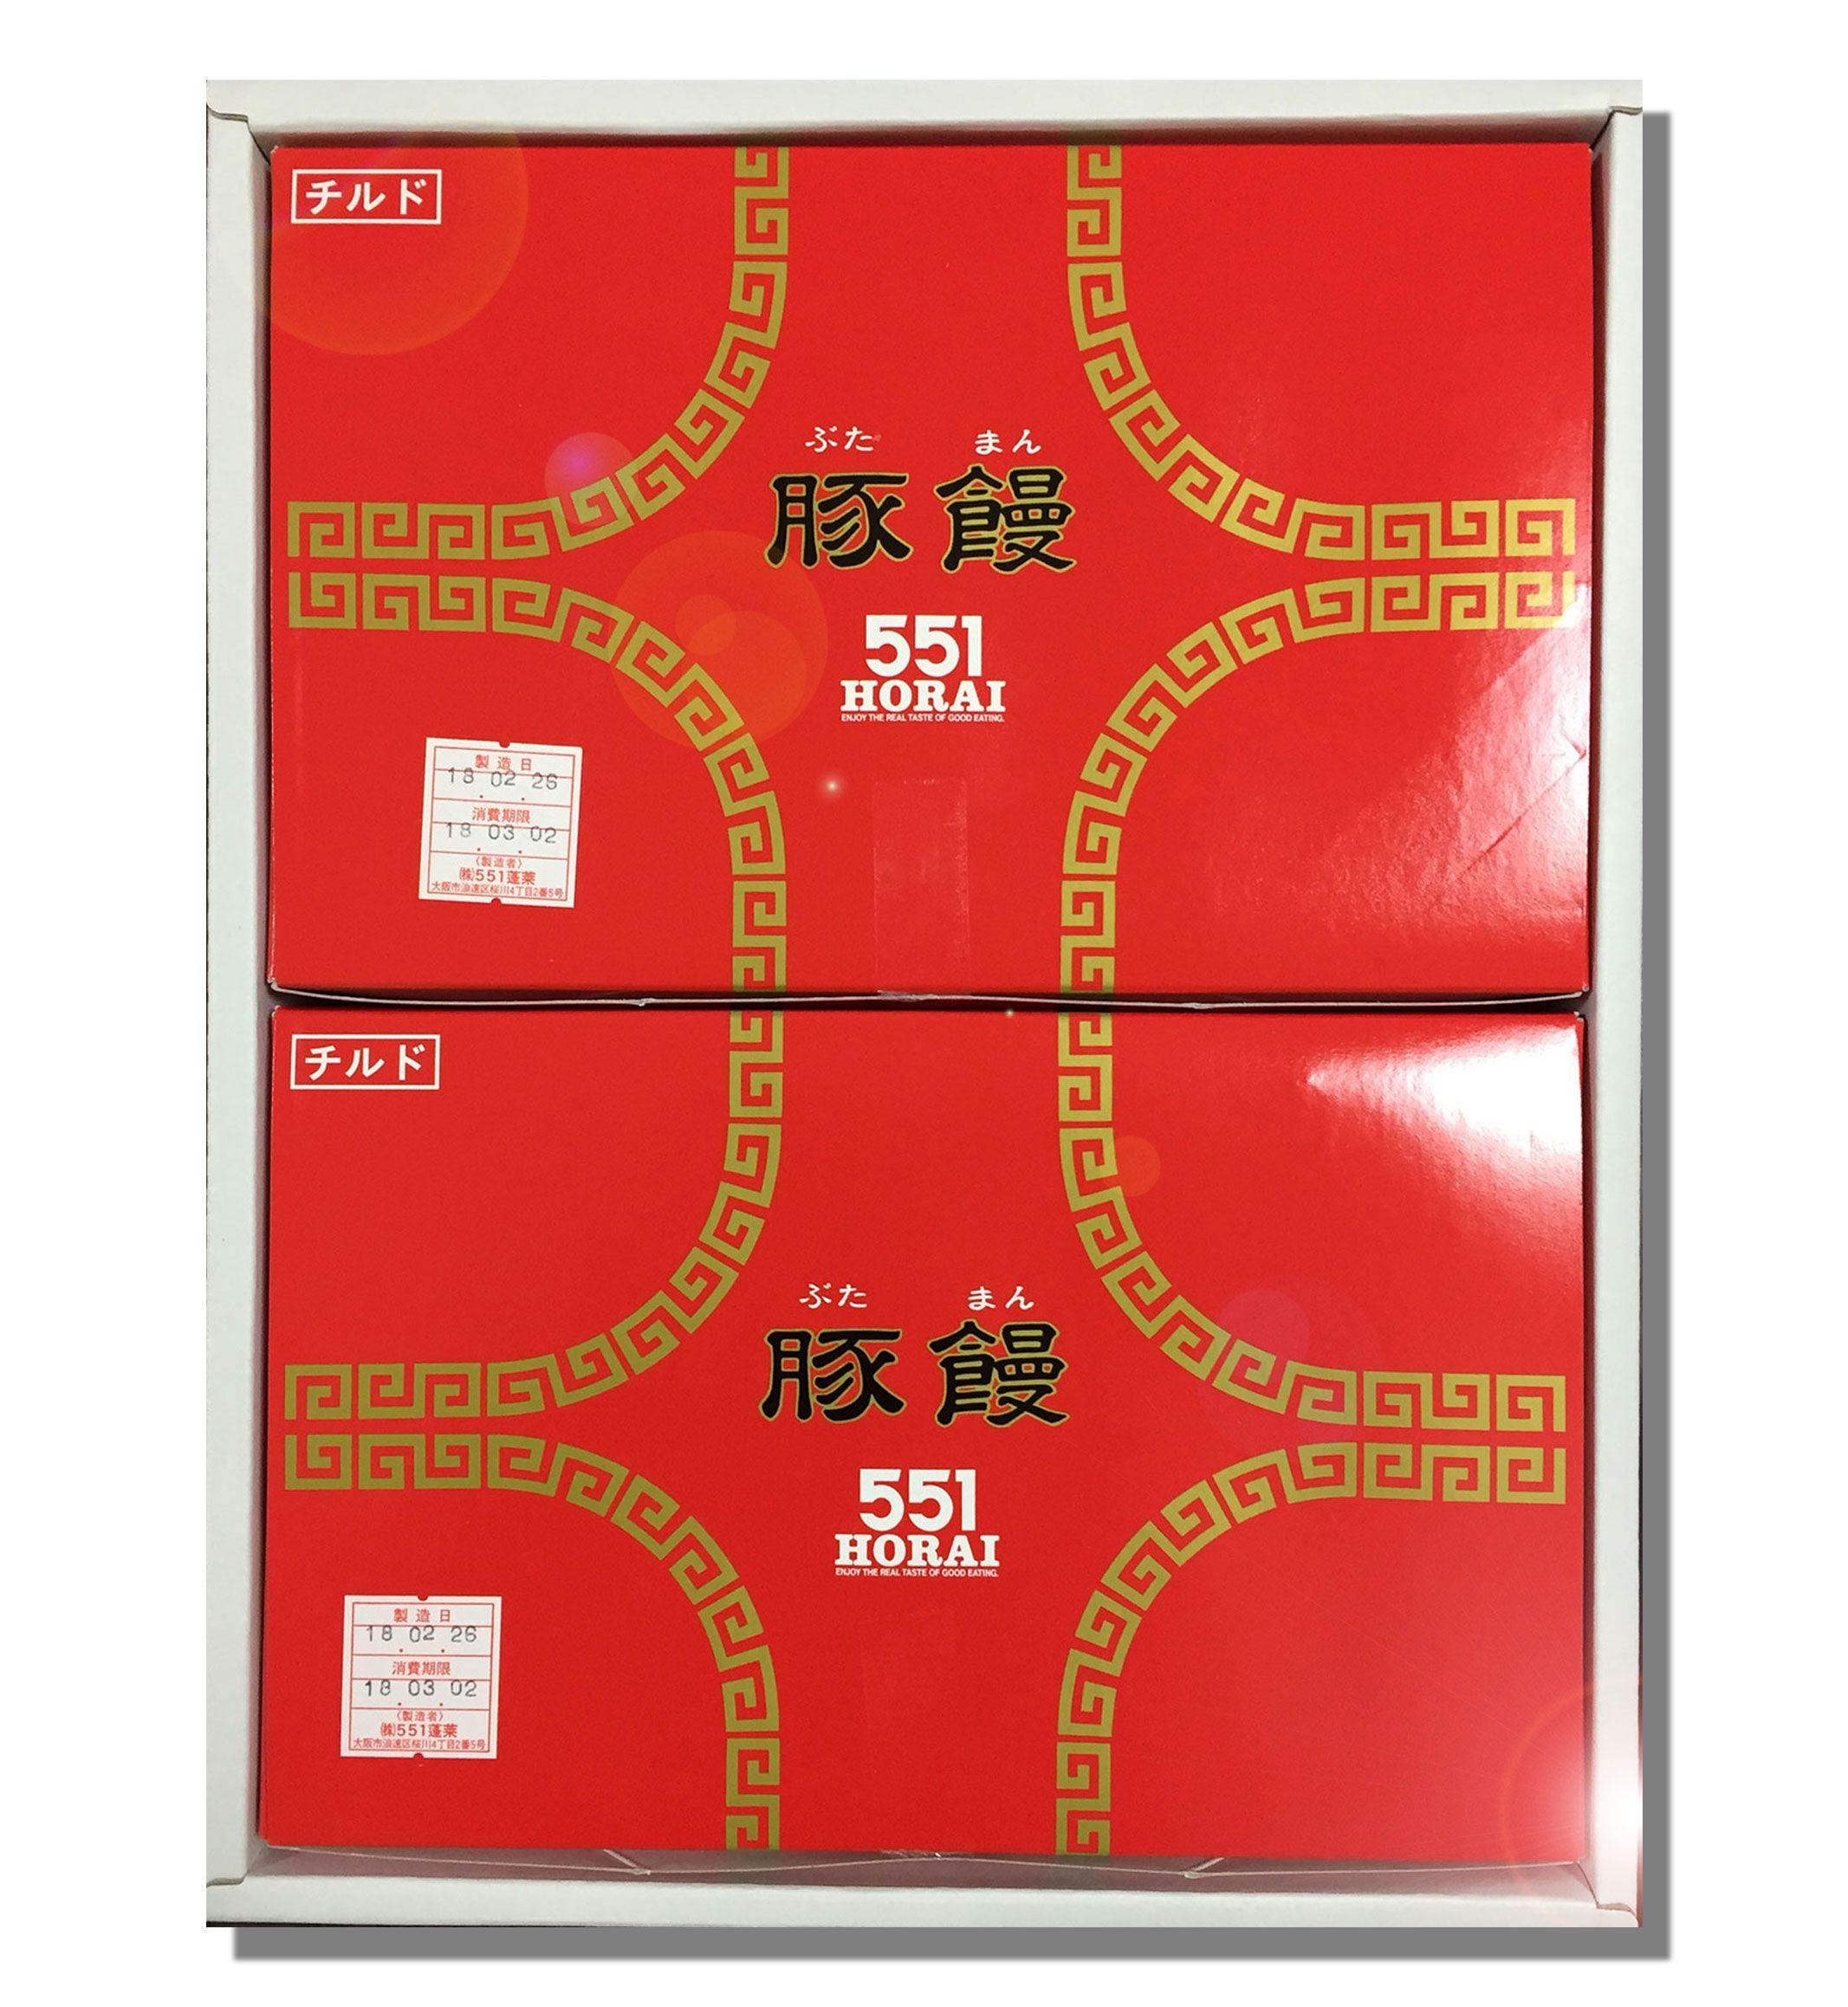 大阪名物・蓬莱551の豚まん 通販02